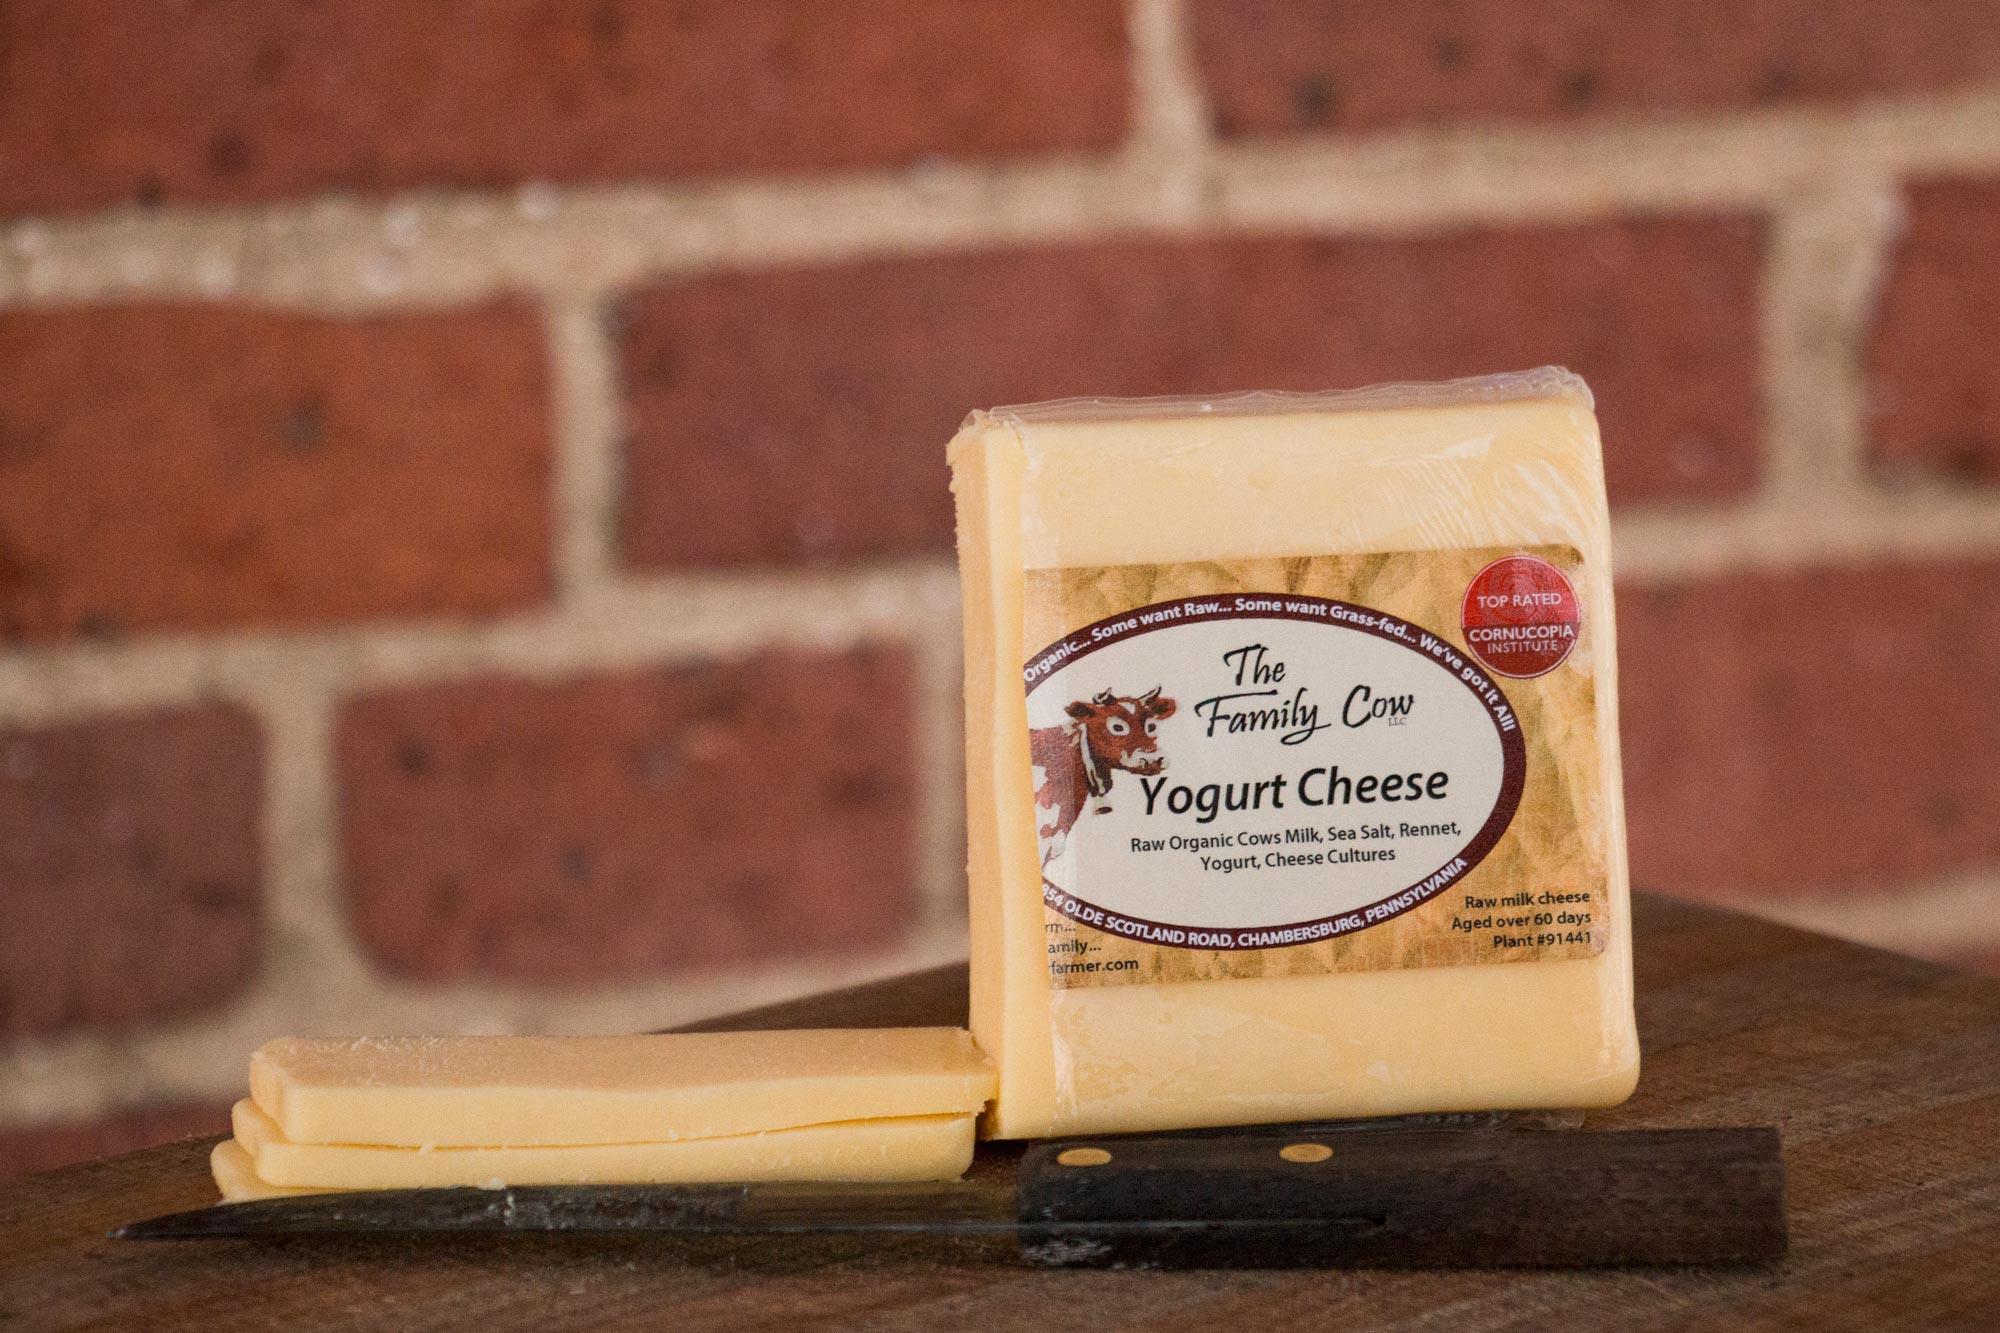 Case Yogurt Cheese